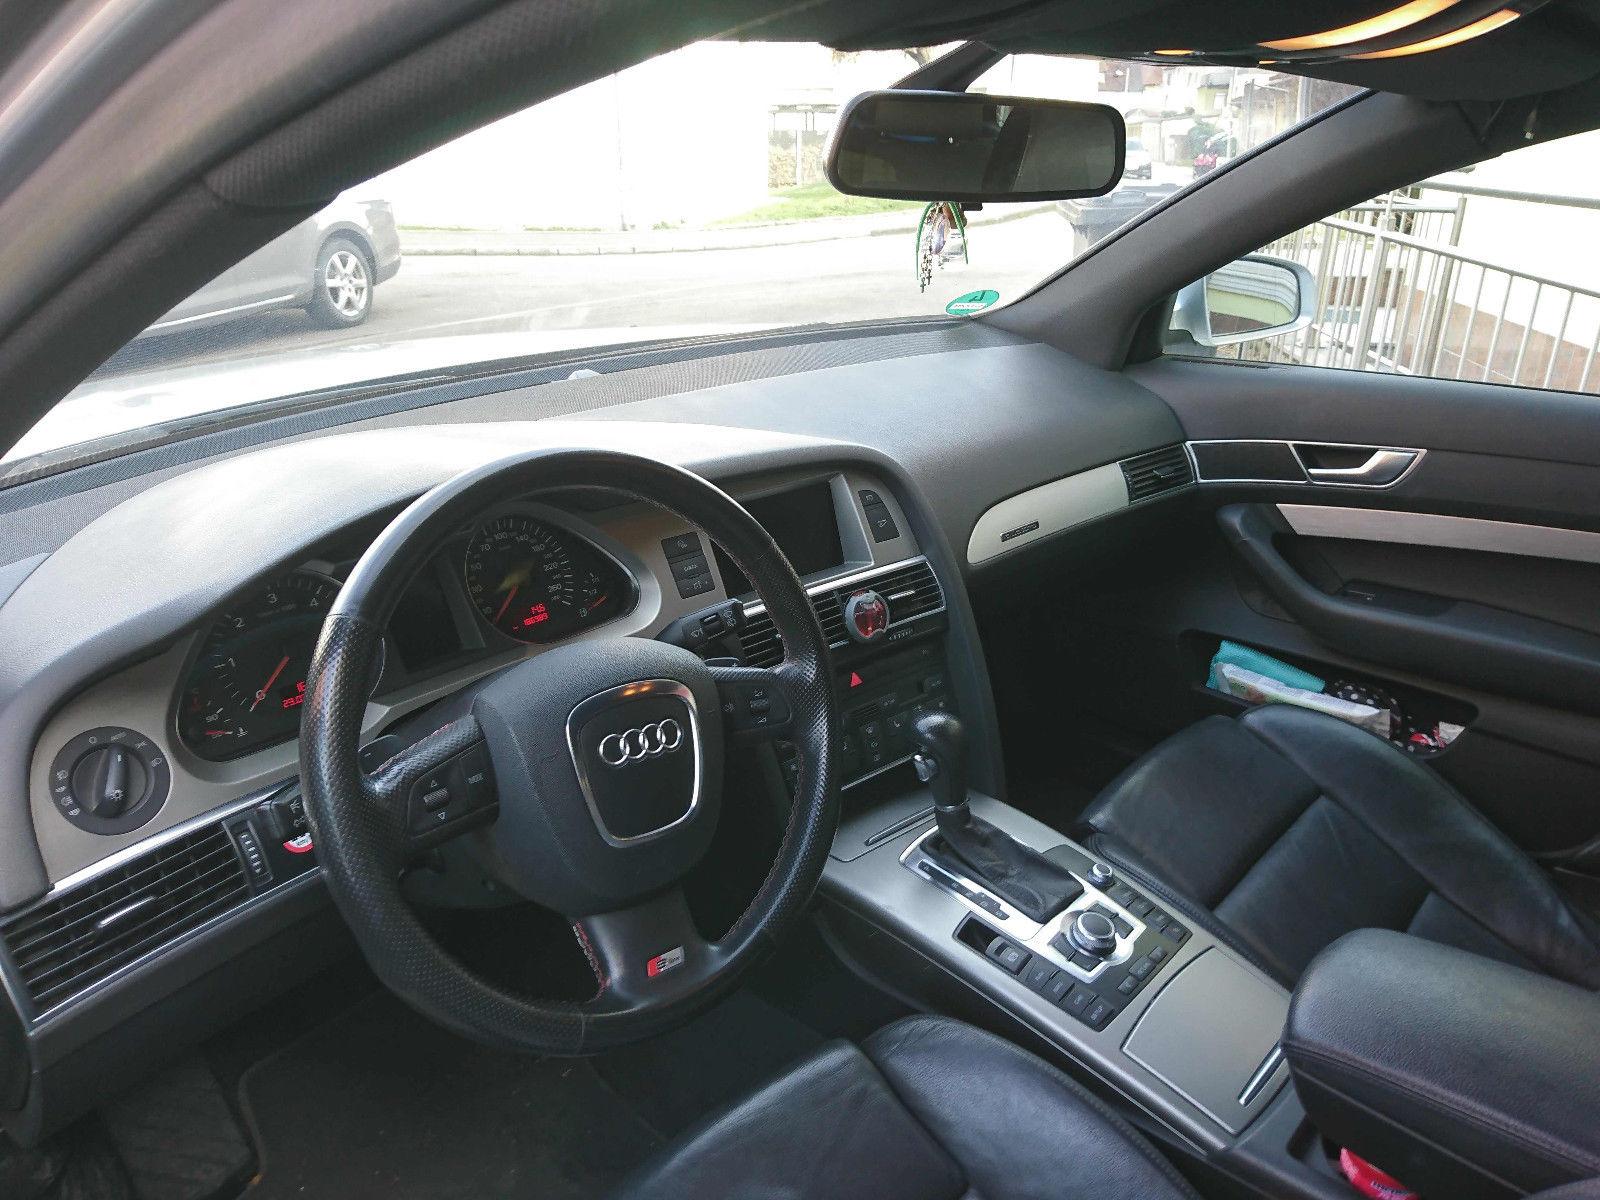 Audi A6 Avant S-line Quattro, 3.0 TDI, 224 ks, 8750 Euro, pokupka na kola ot Germaniya (4)